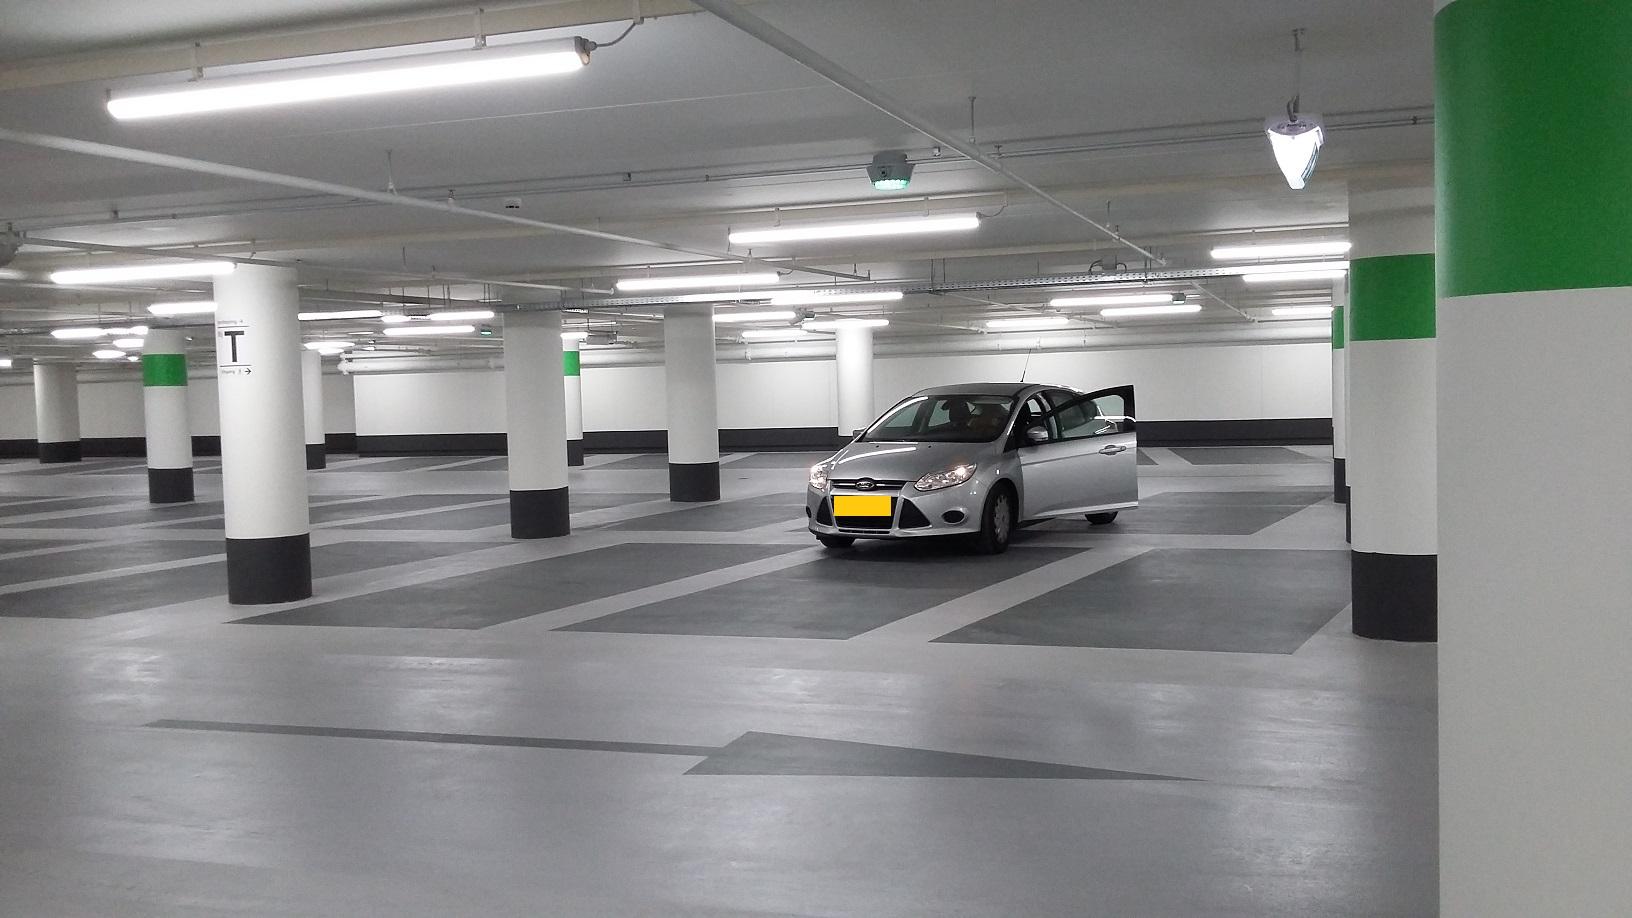 Egalisatie parkeergarage vloeren Hoog Catharijne